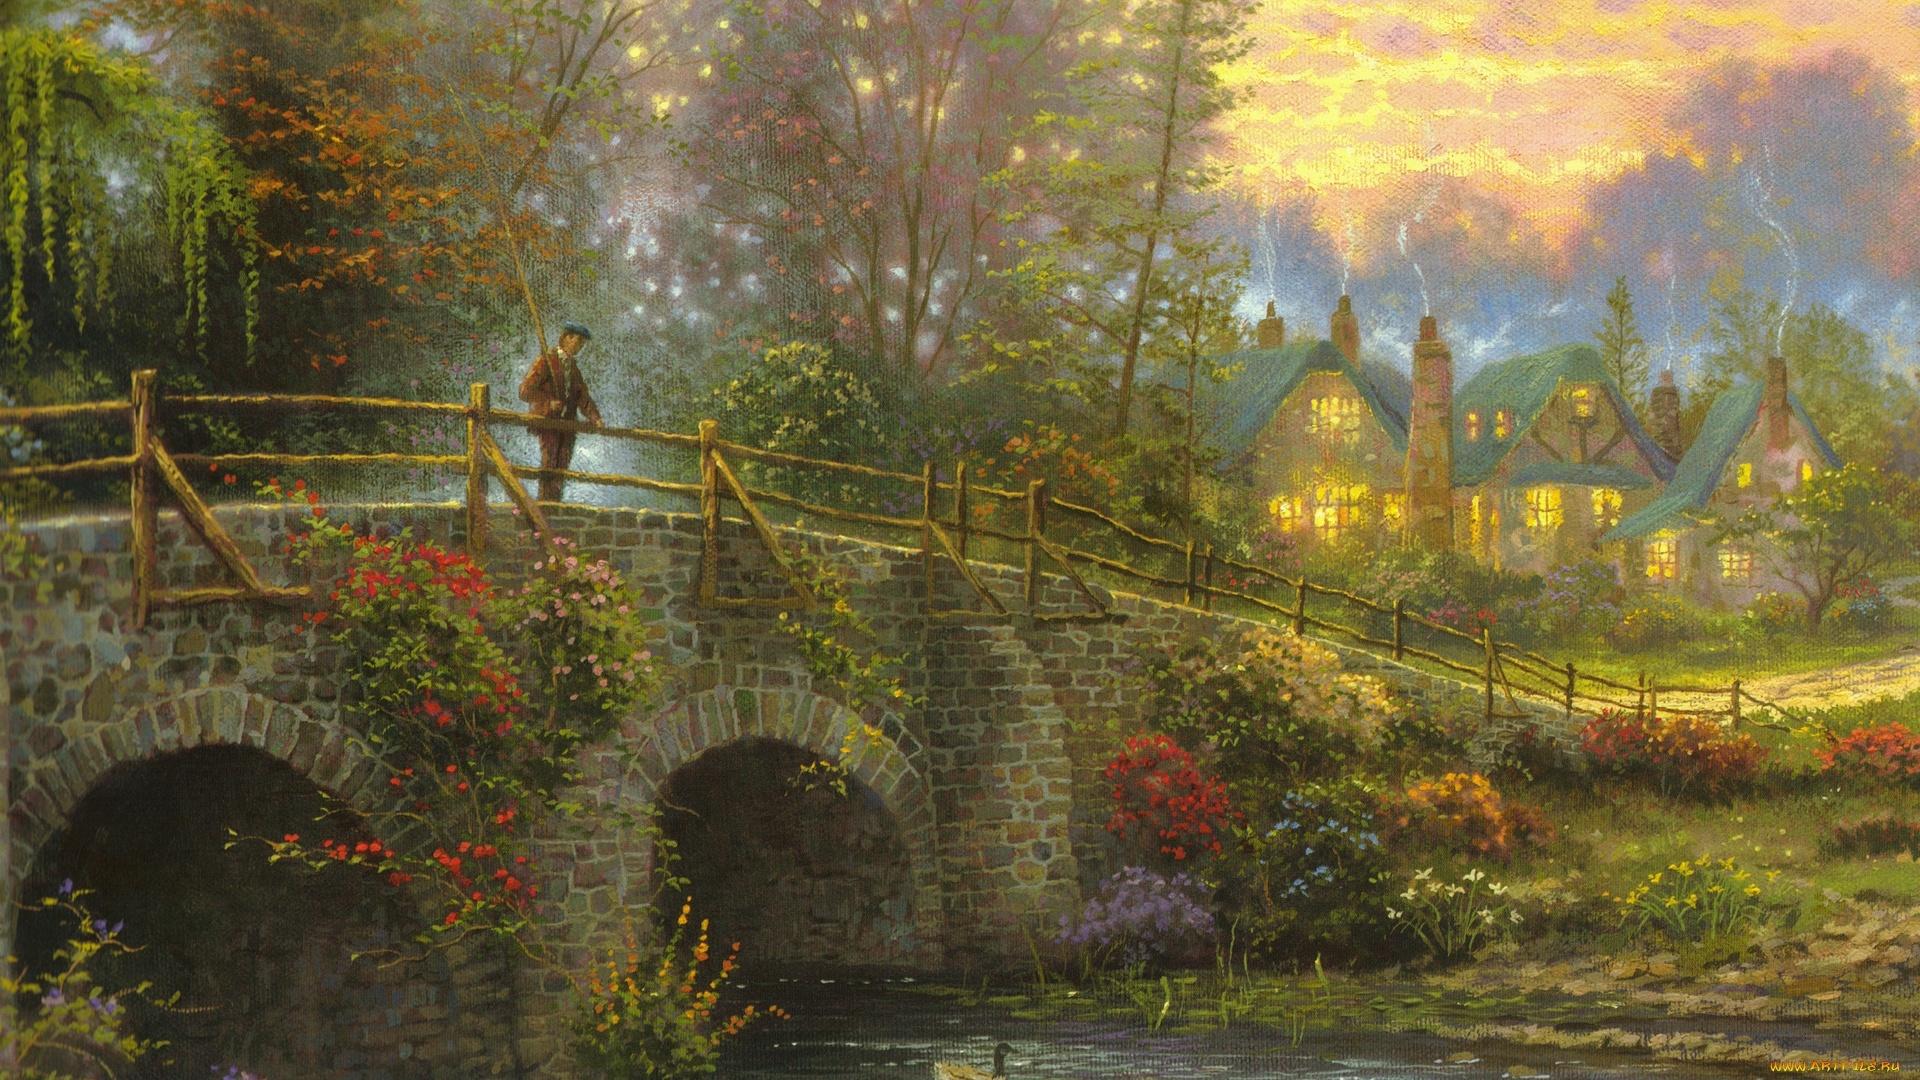 Bridge Art wallpaper for pc